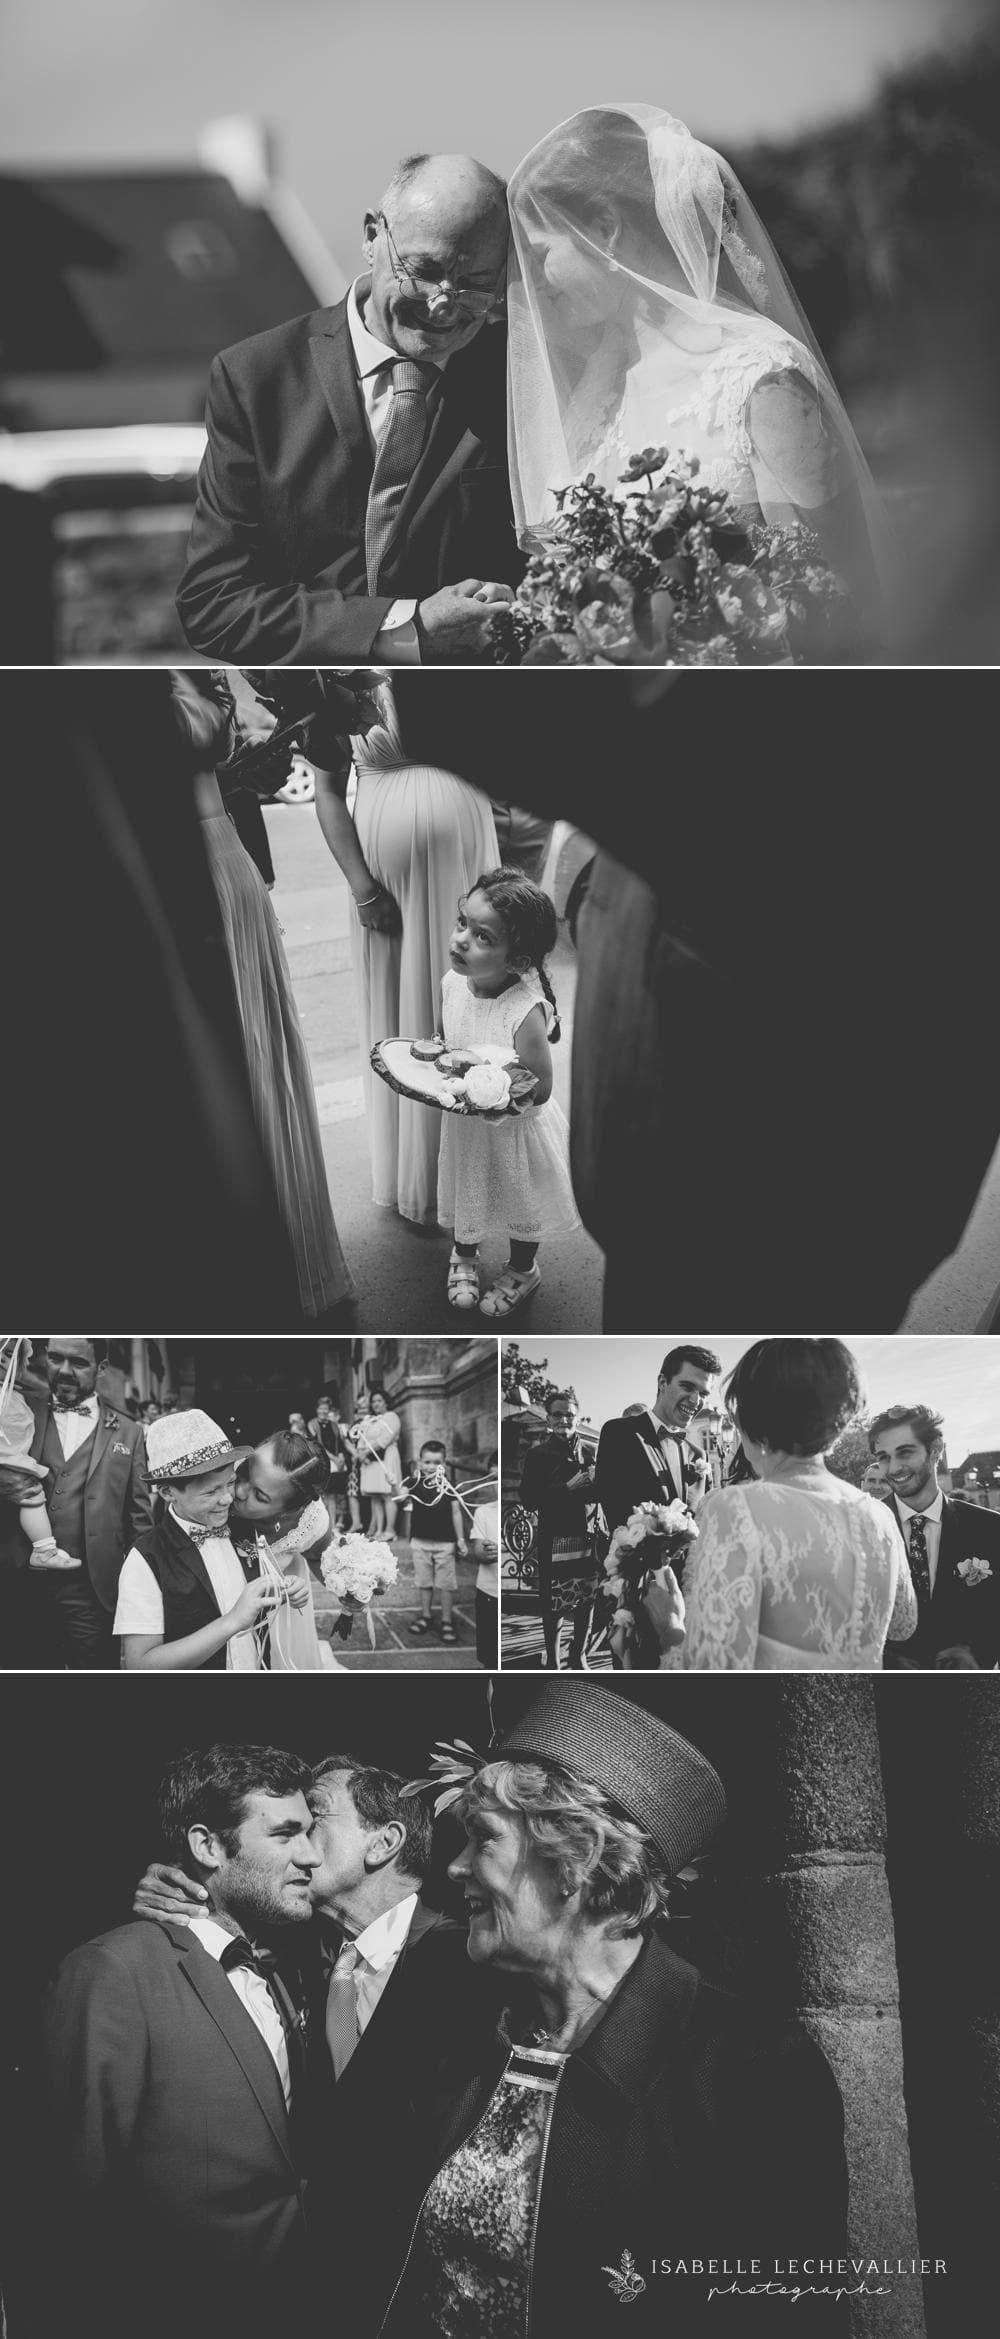 3 conseils pour une cérémonie religieuse réussie